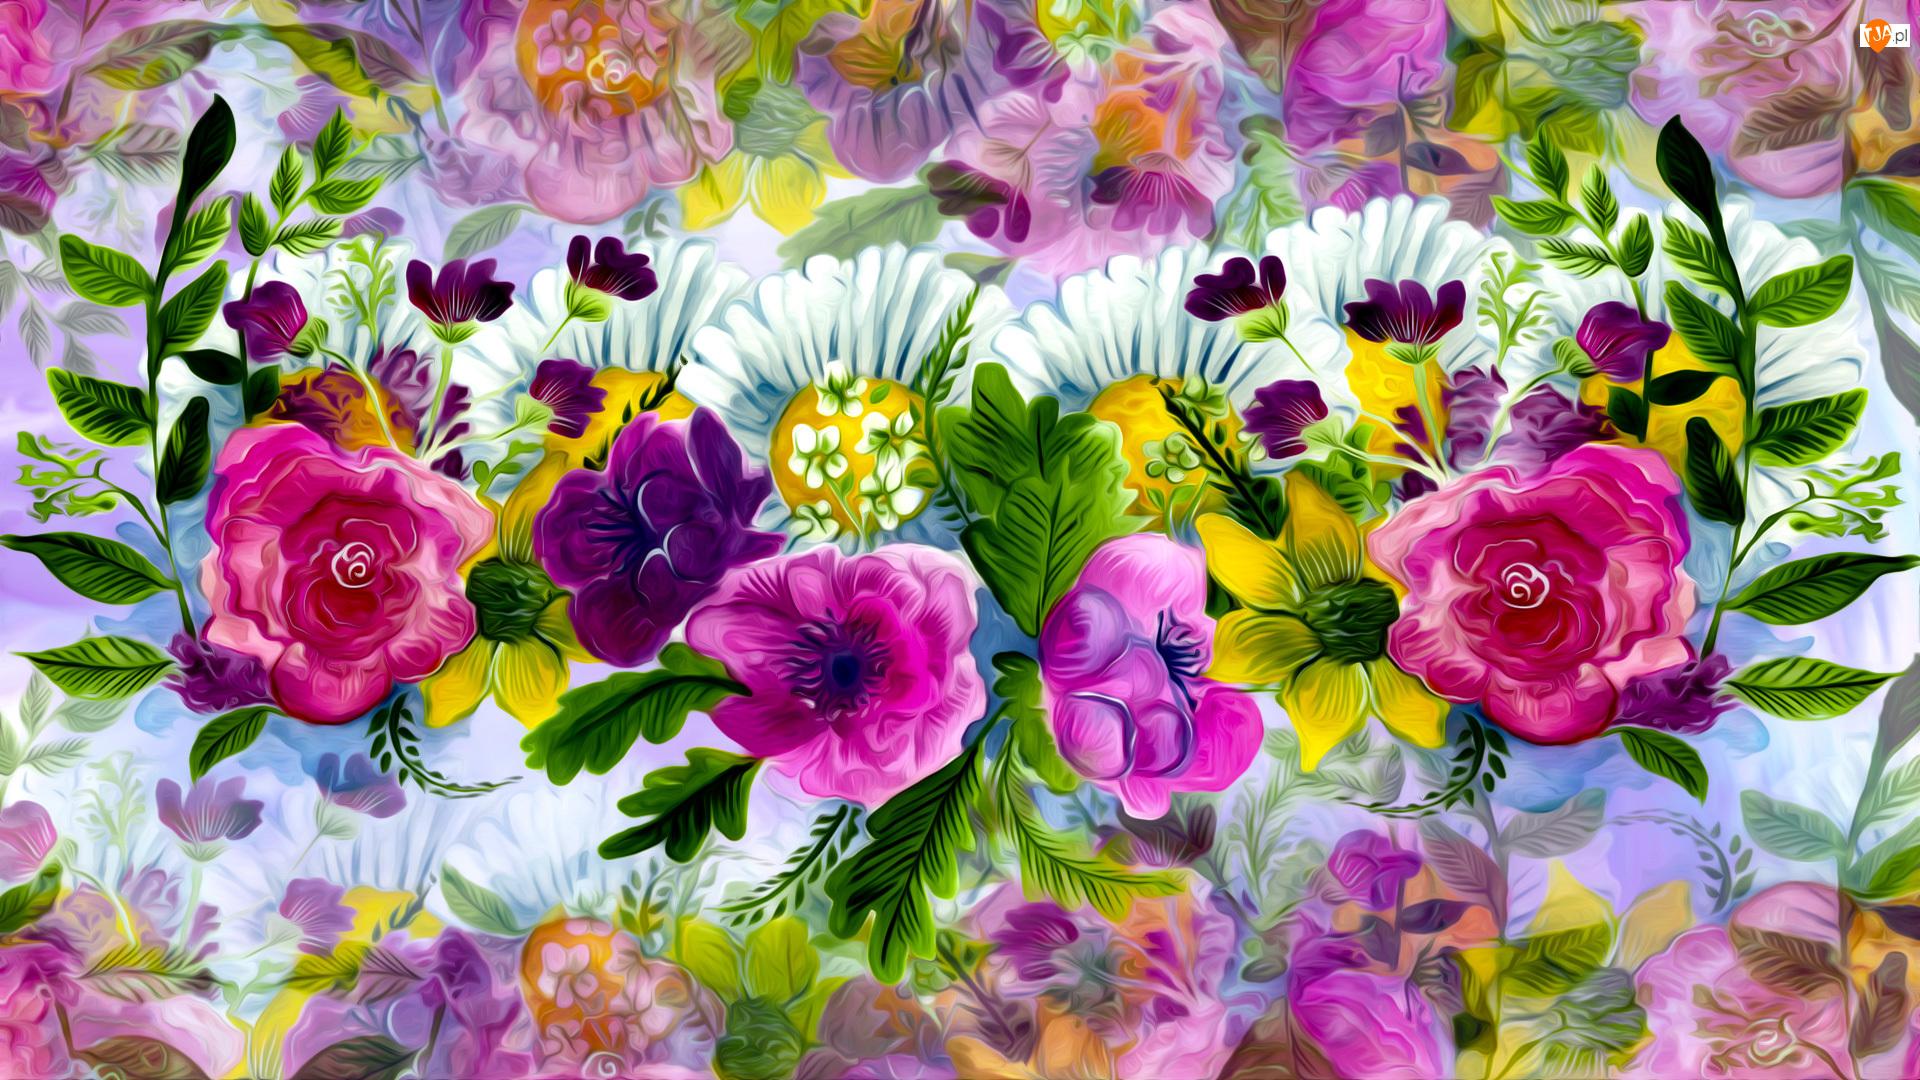 Grafika, Różnorodne, Kolorowe, Kwiaty